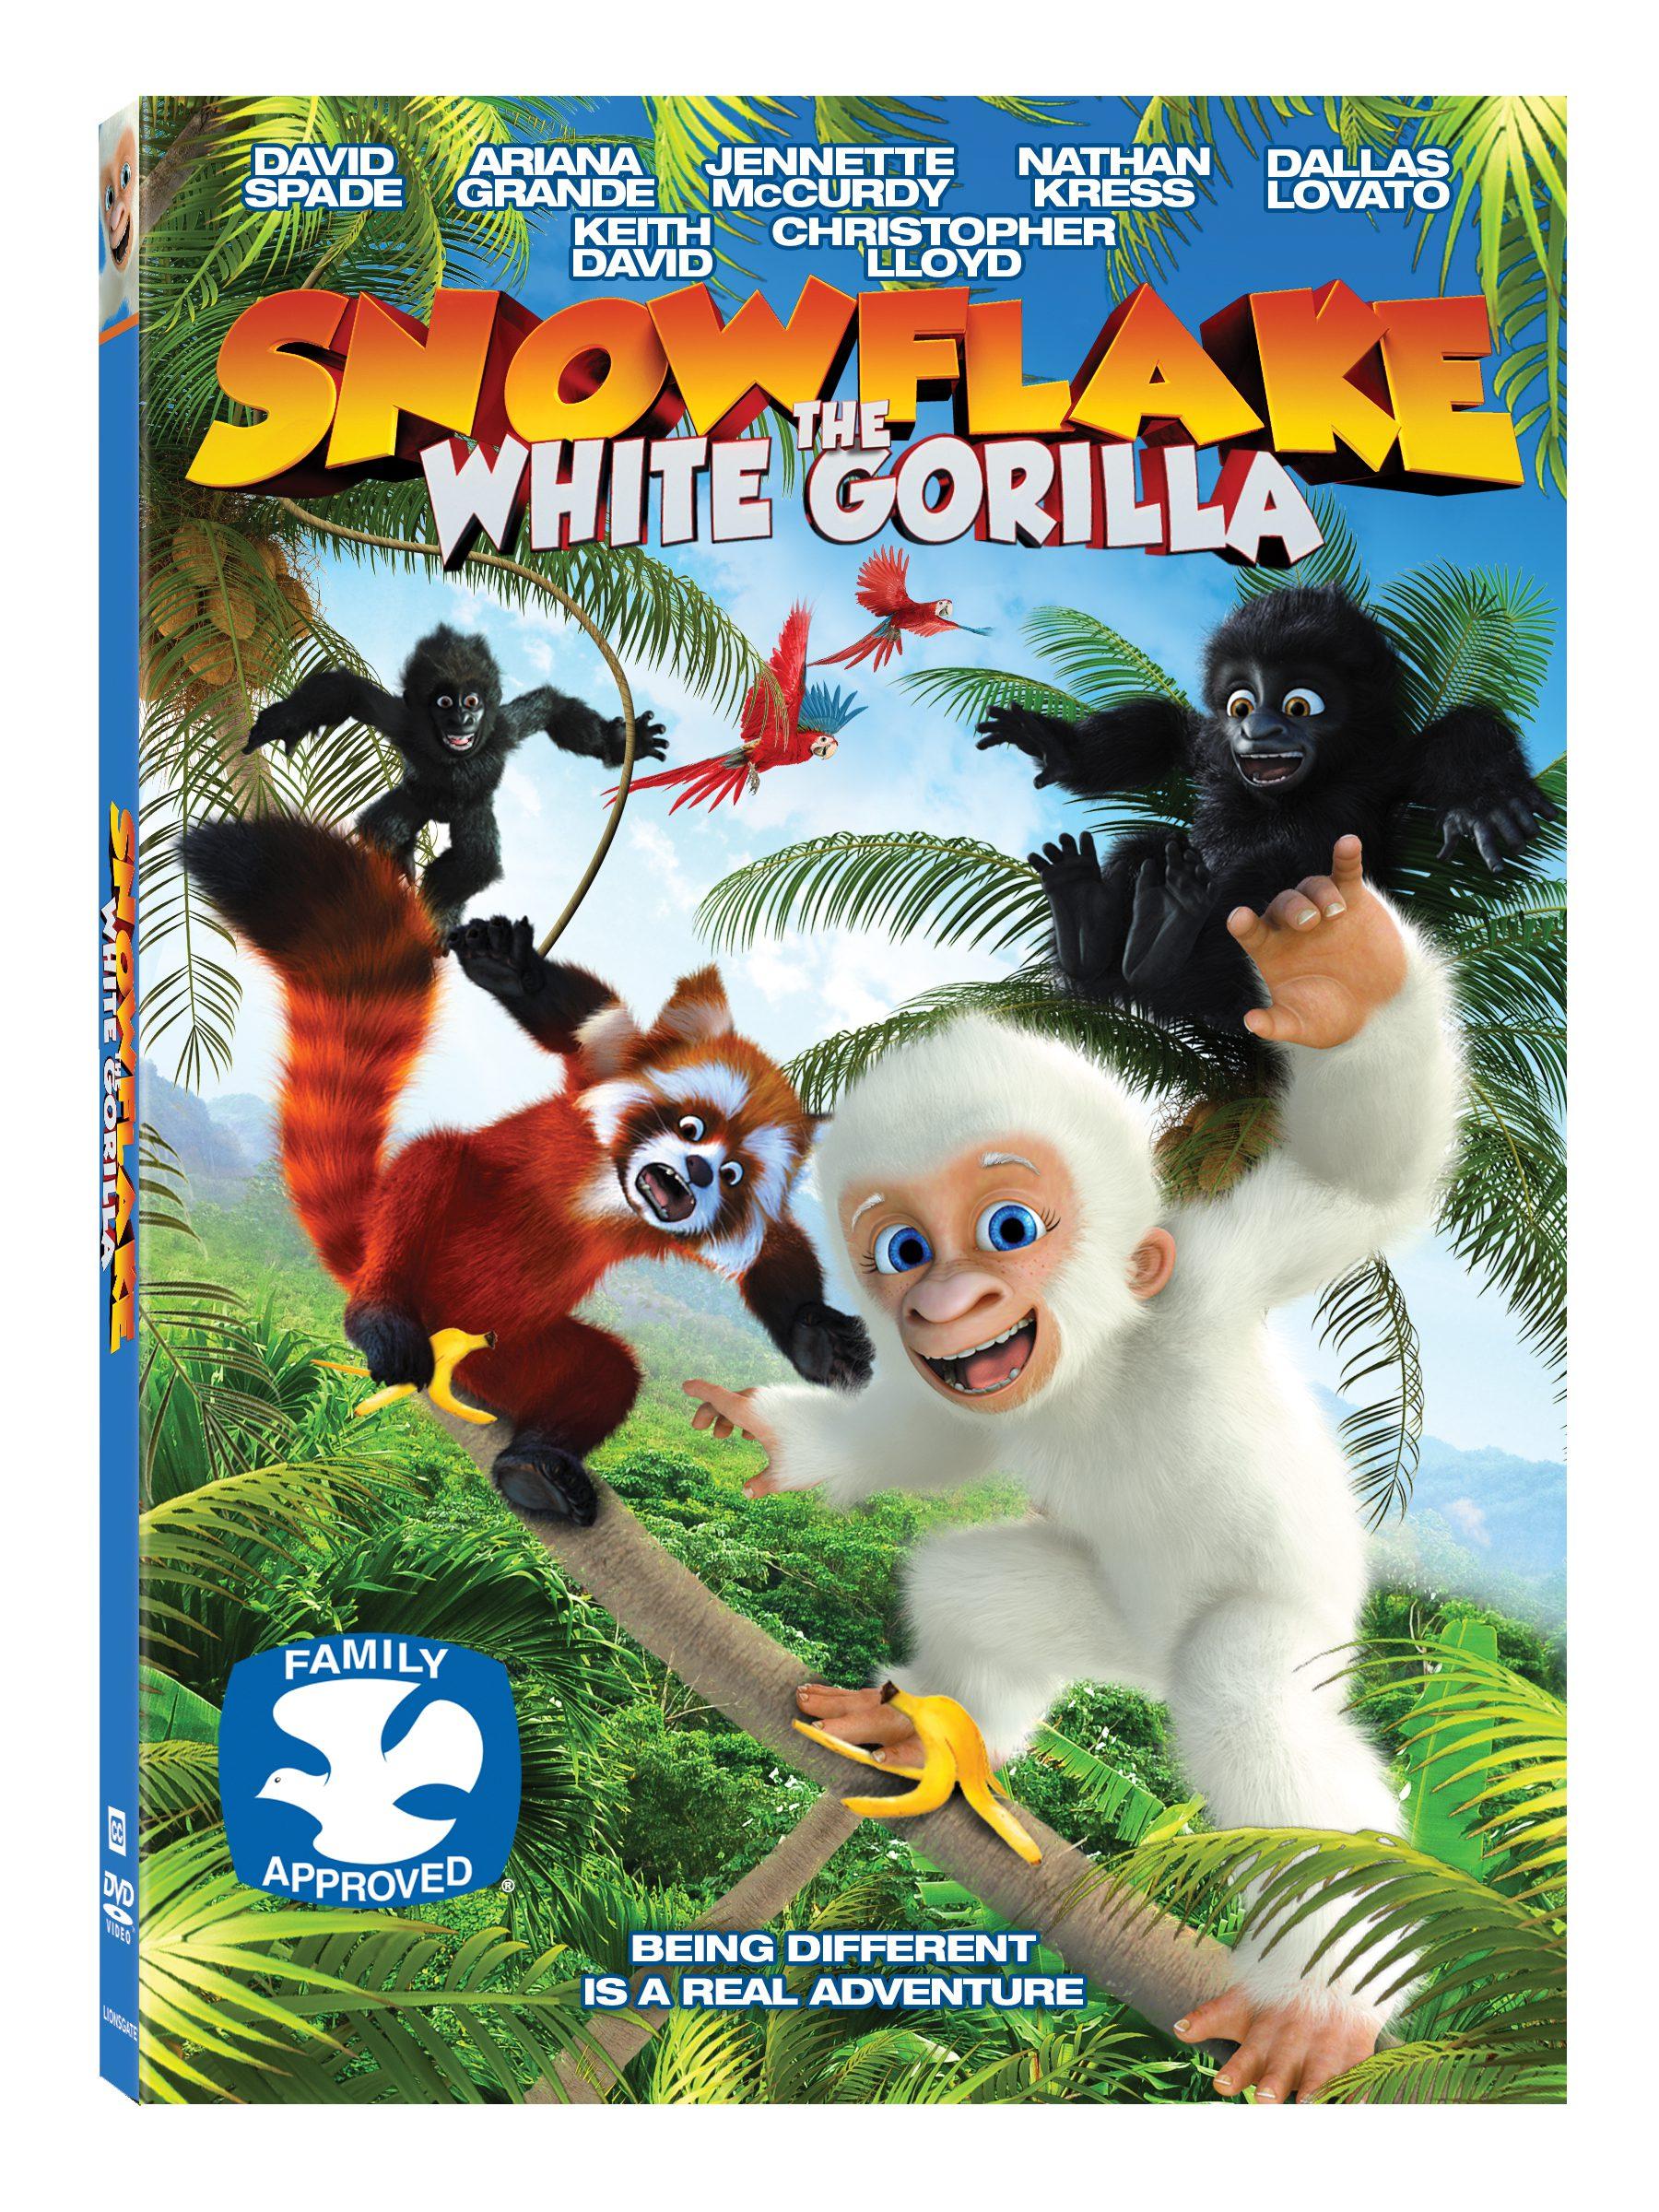 Uncategorized Snowflake The White Gorilla snowflake the white gorilla dvd review giveaway